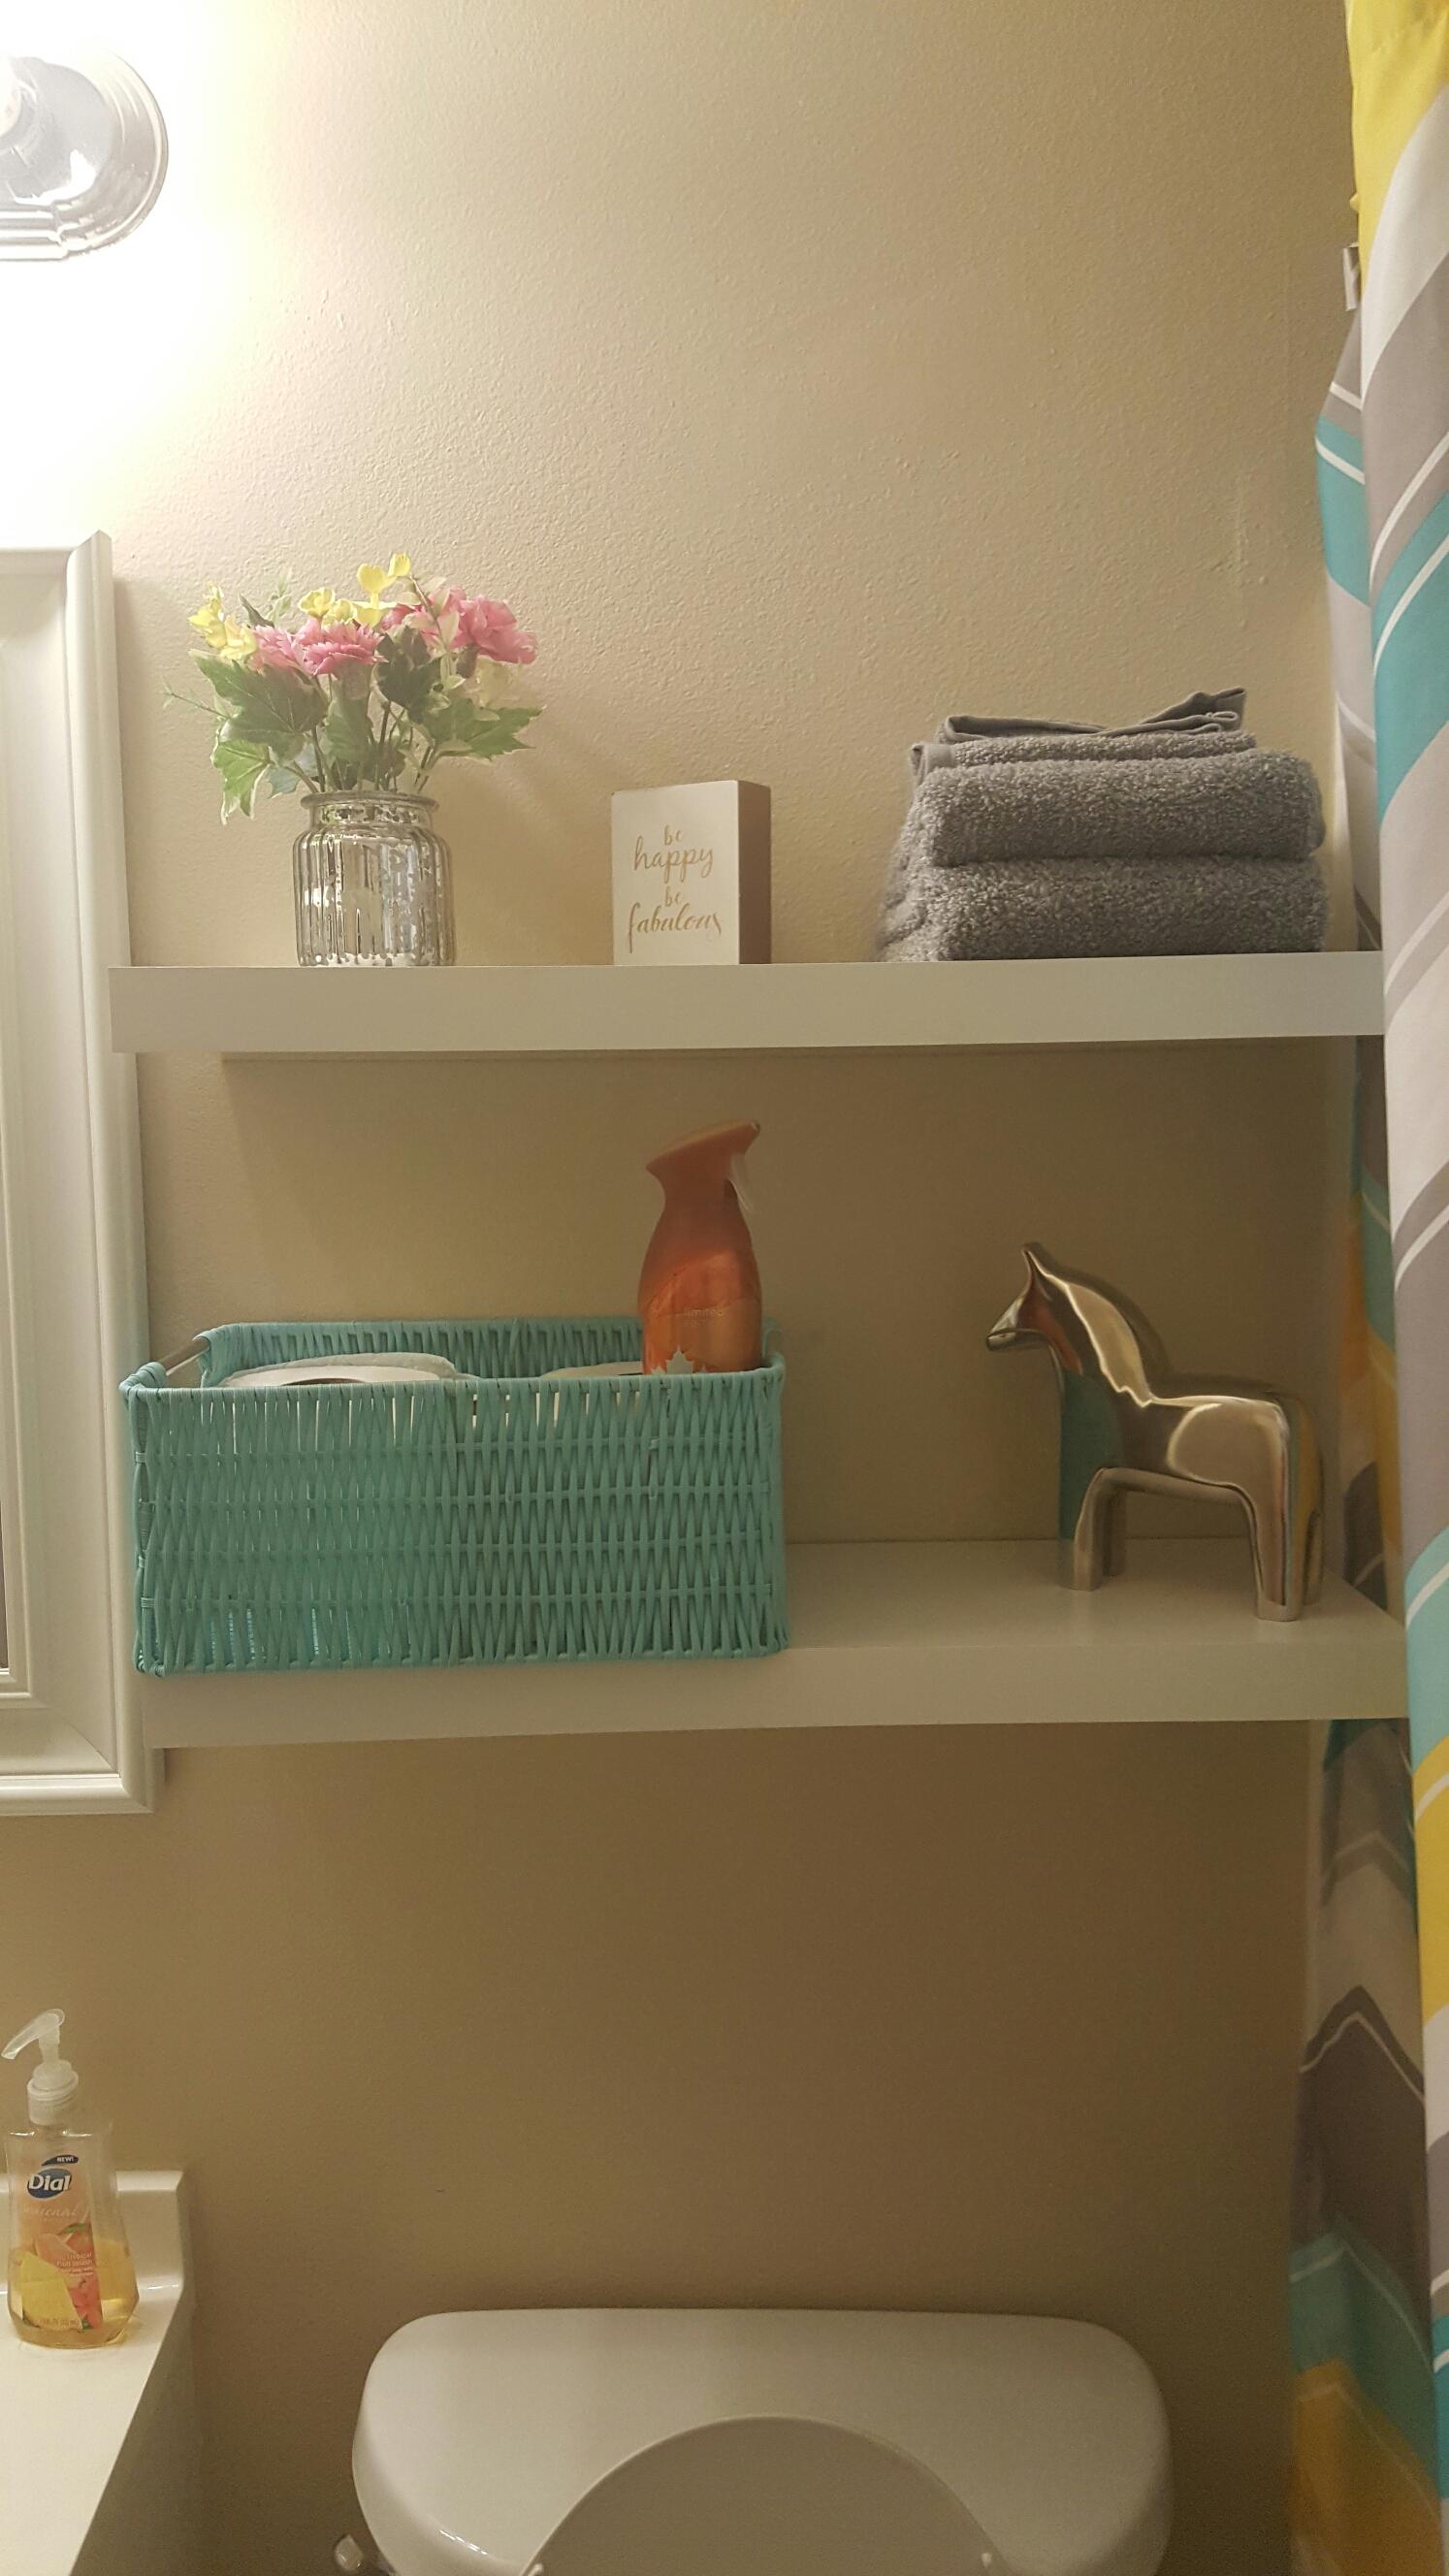 Bathroom Mirrors Under $100 mirror – alittlebitofsher